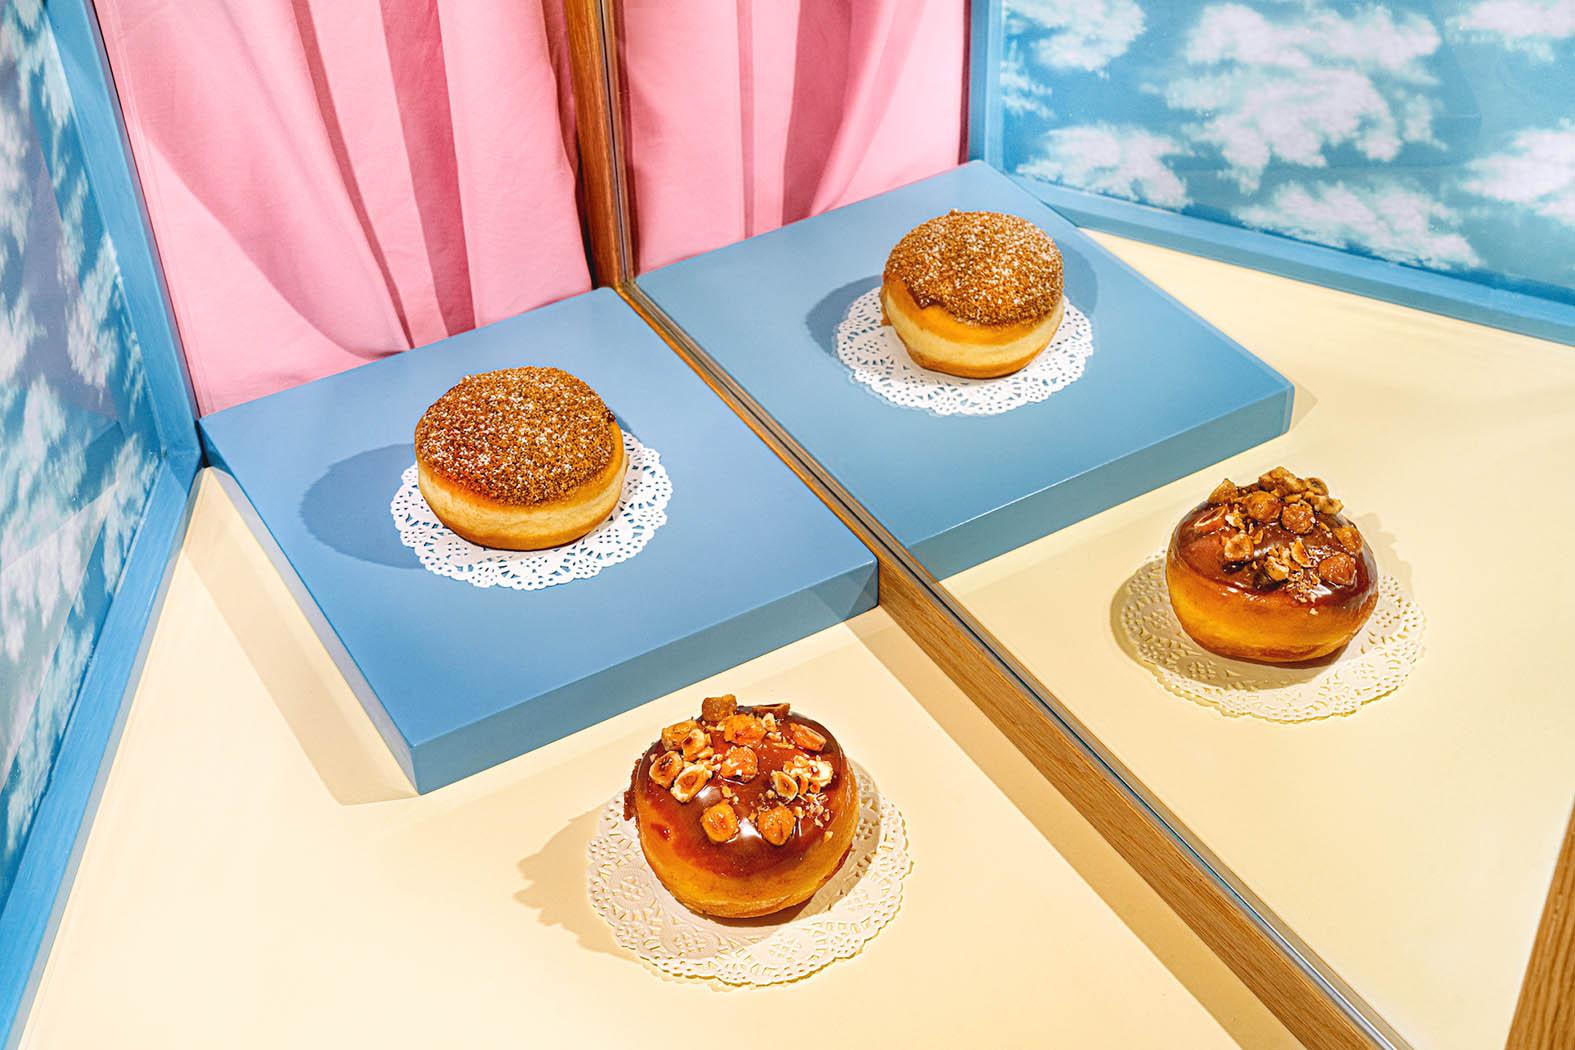 Pane e Latte, Italian Bakery, Cream filled doughnuts, Stanley, Bakery, New restaurant in Hong Kong August 21